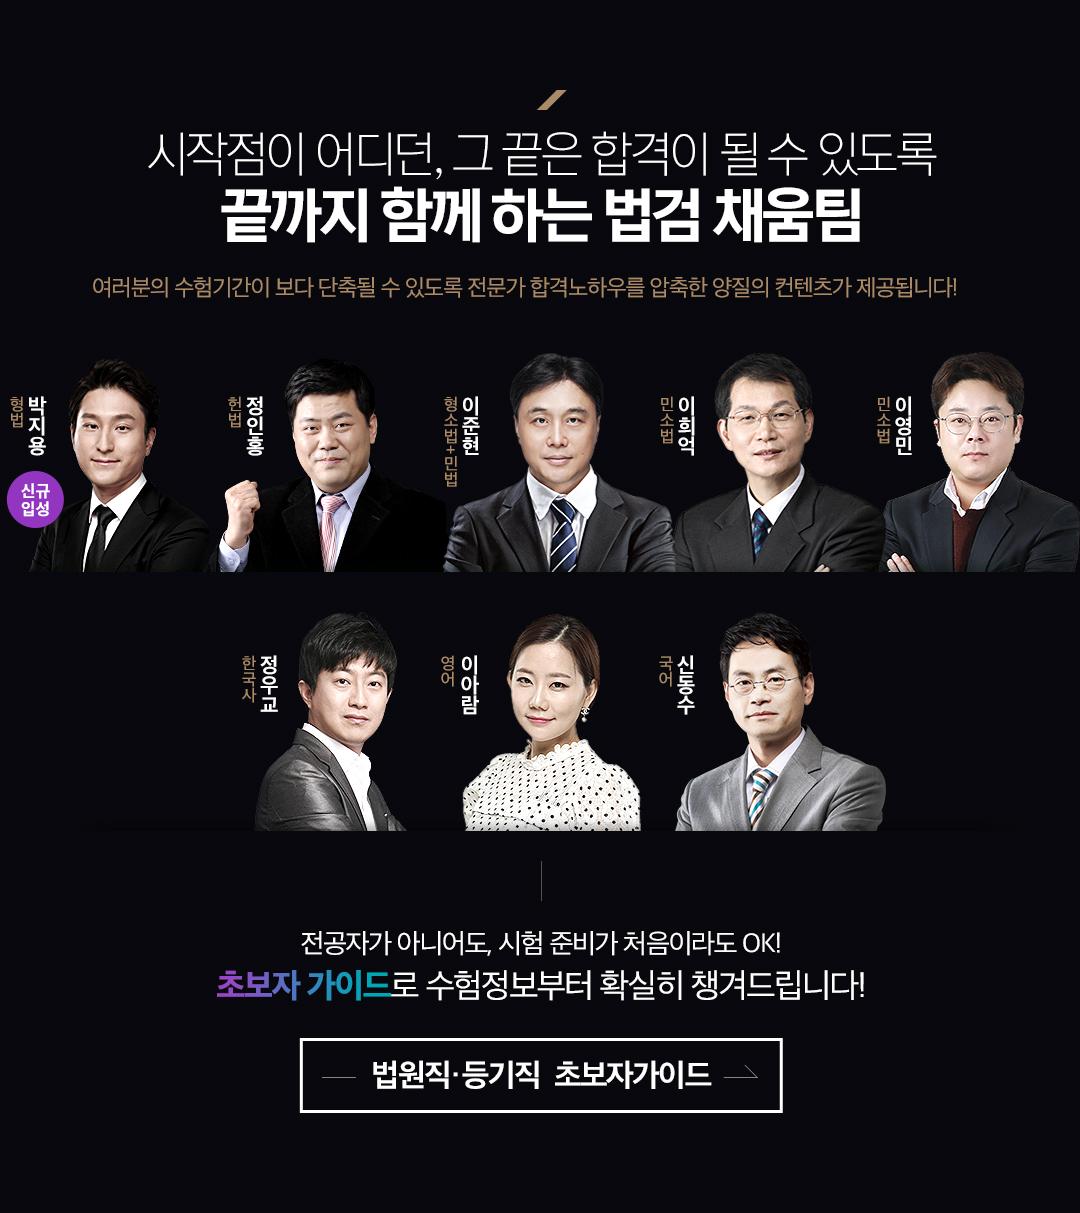 끝까지 함께하는 법검 채움팀